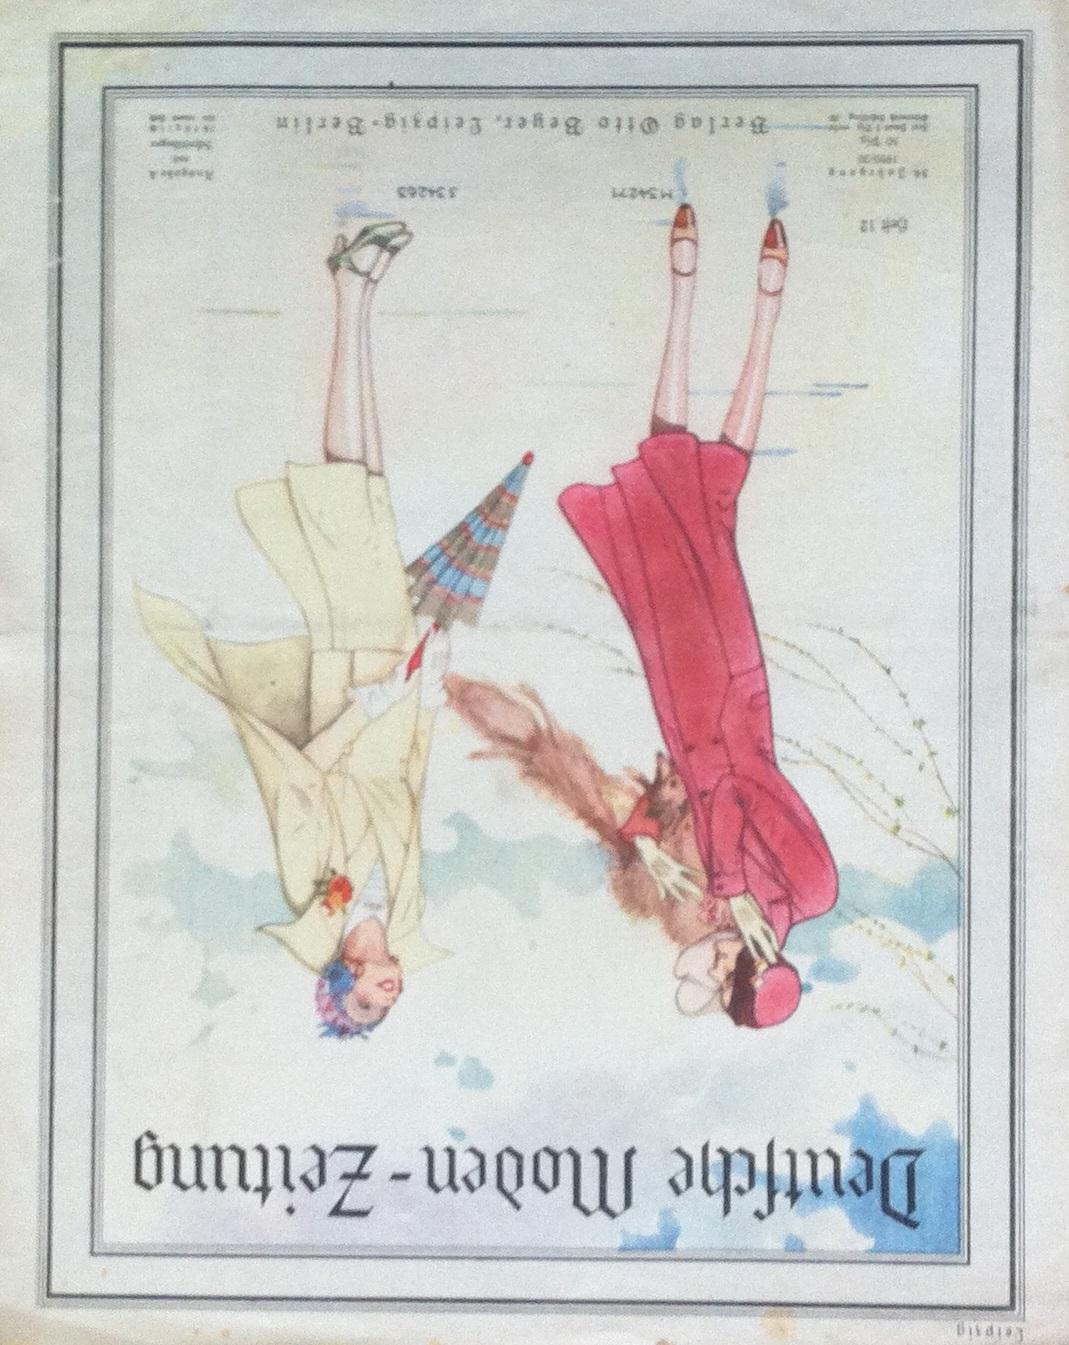 Deutsche Moden-Zeitung No. 12 Vol. 39 1929/30